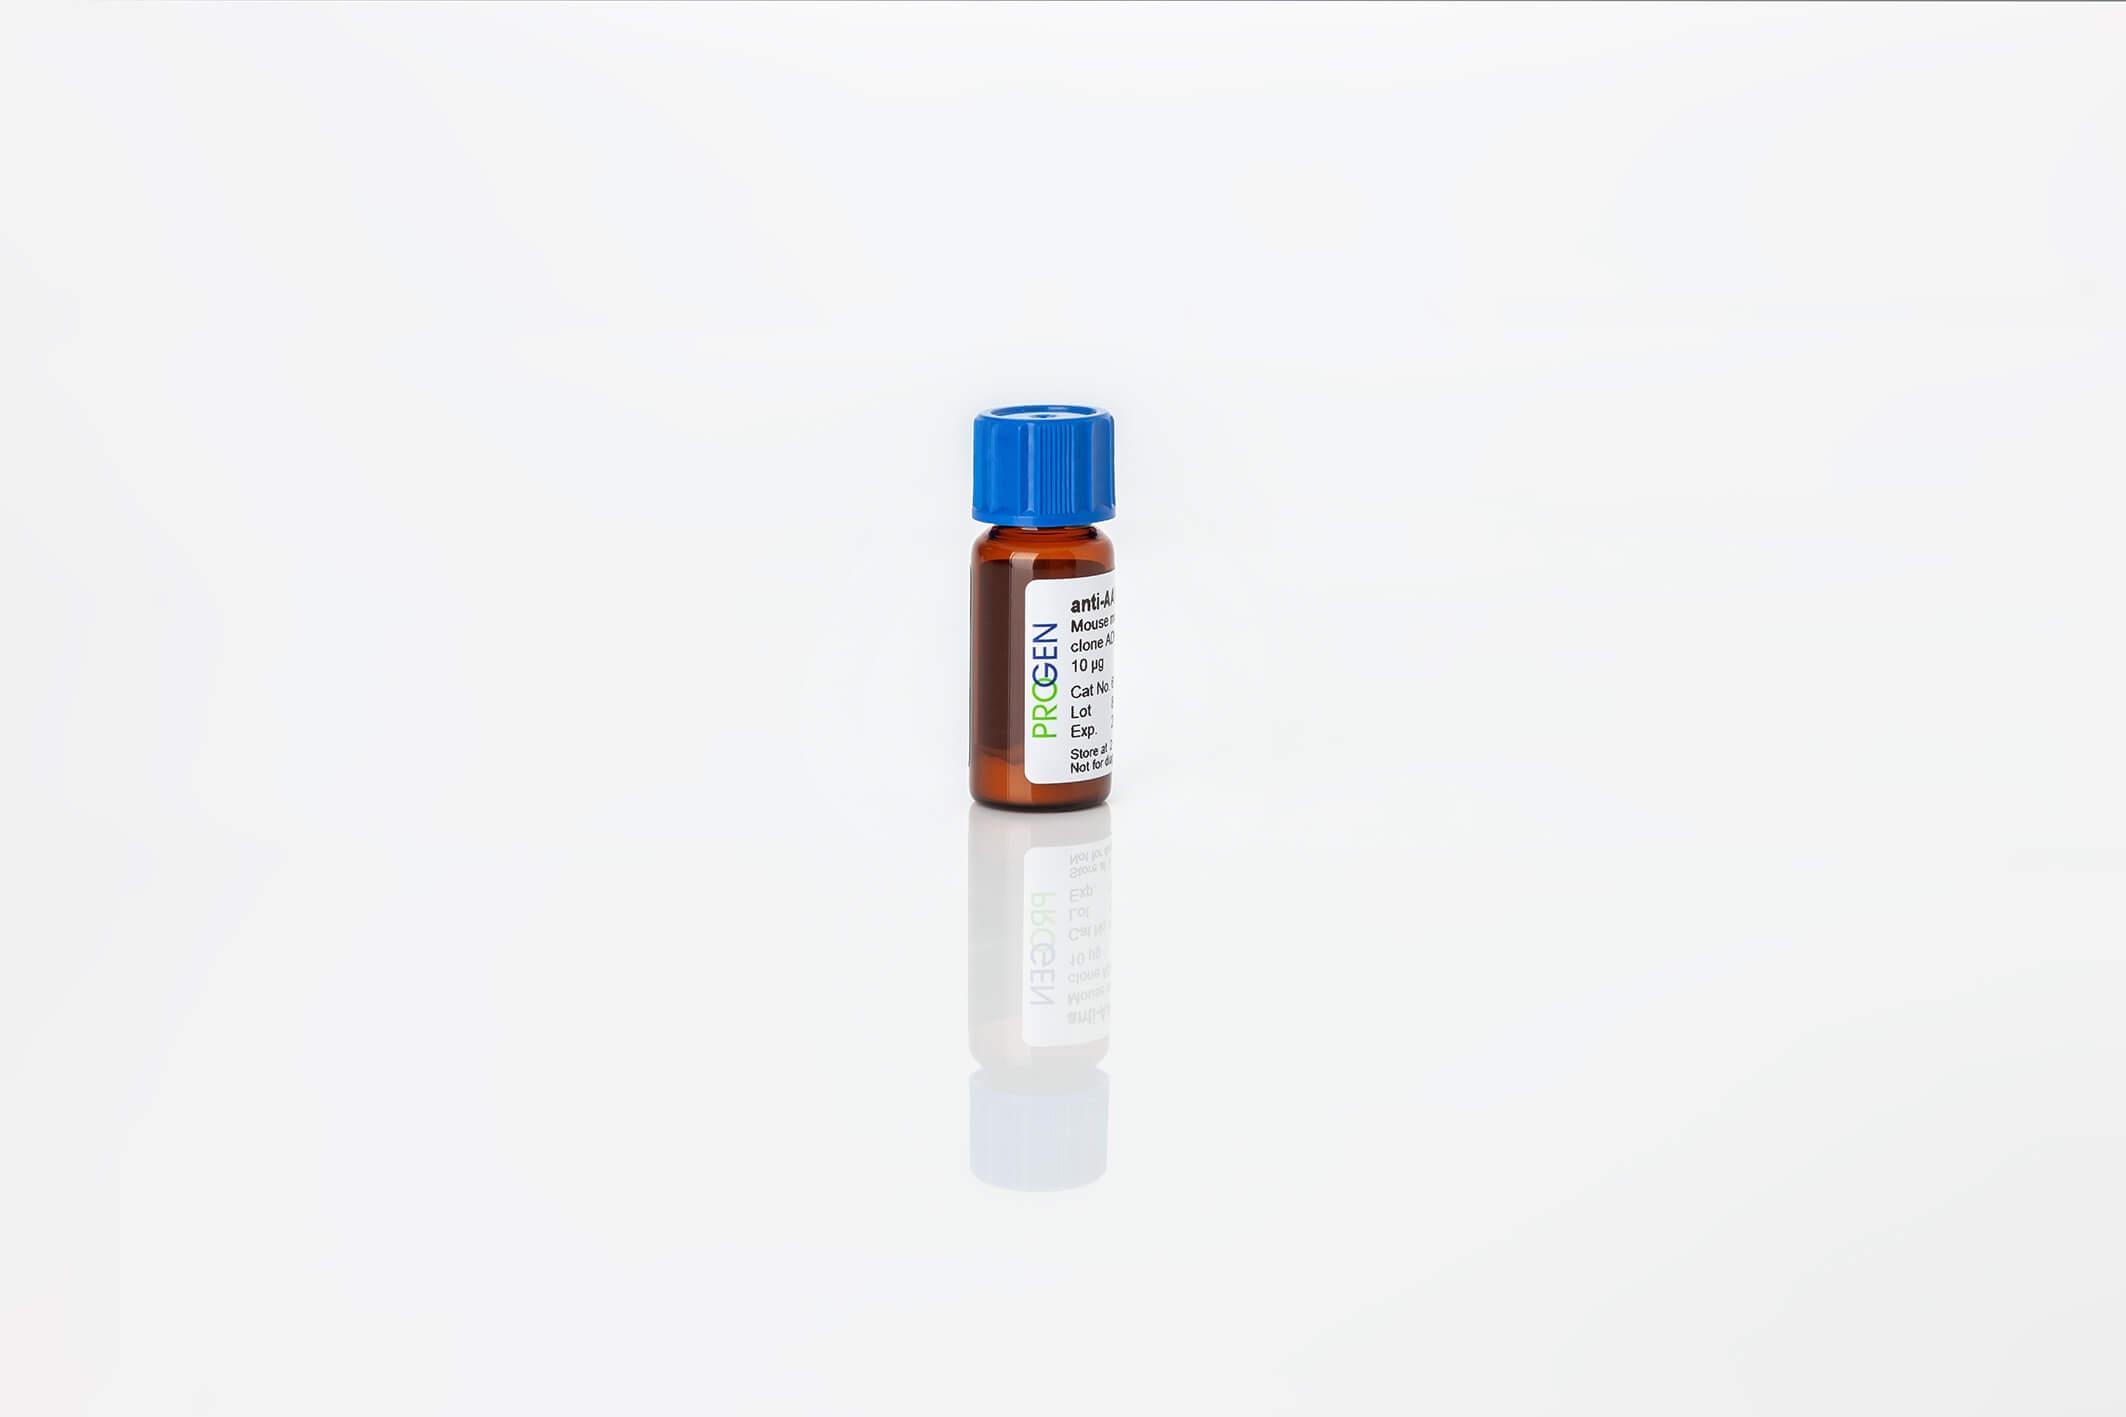 anti-Myosin mouse monoclonal, 414.0, supernatant